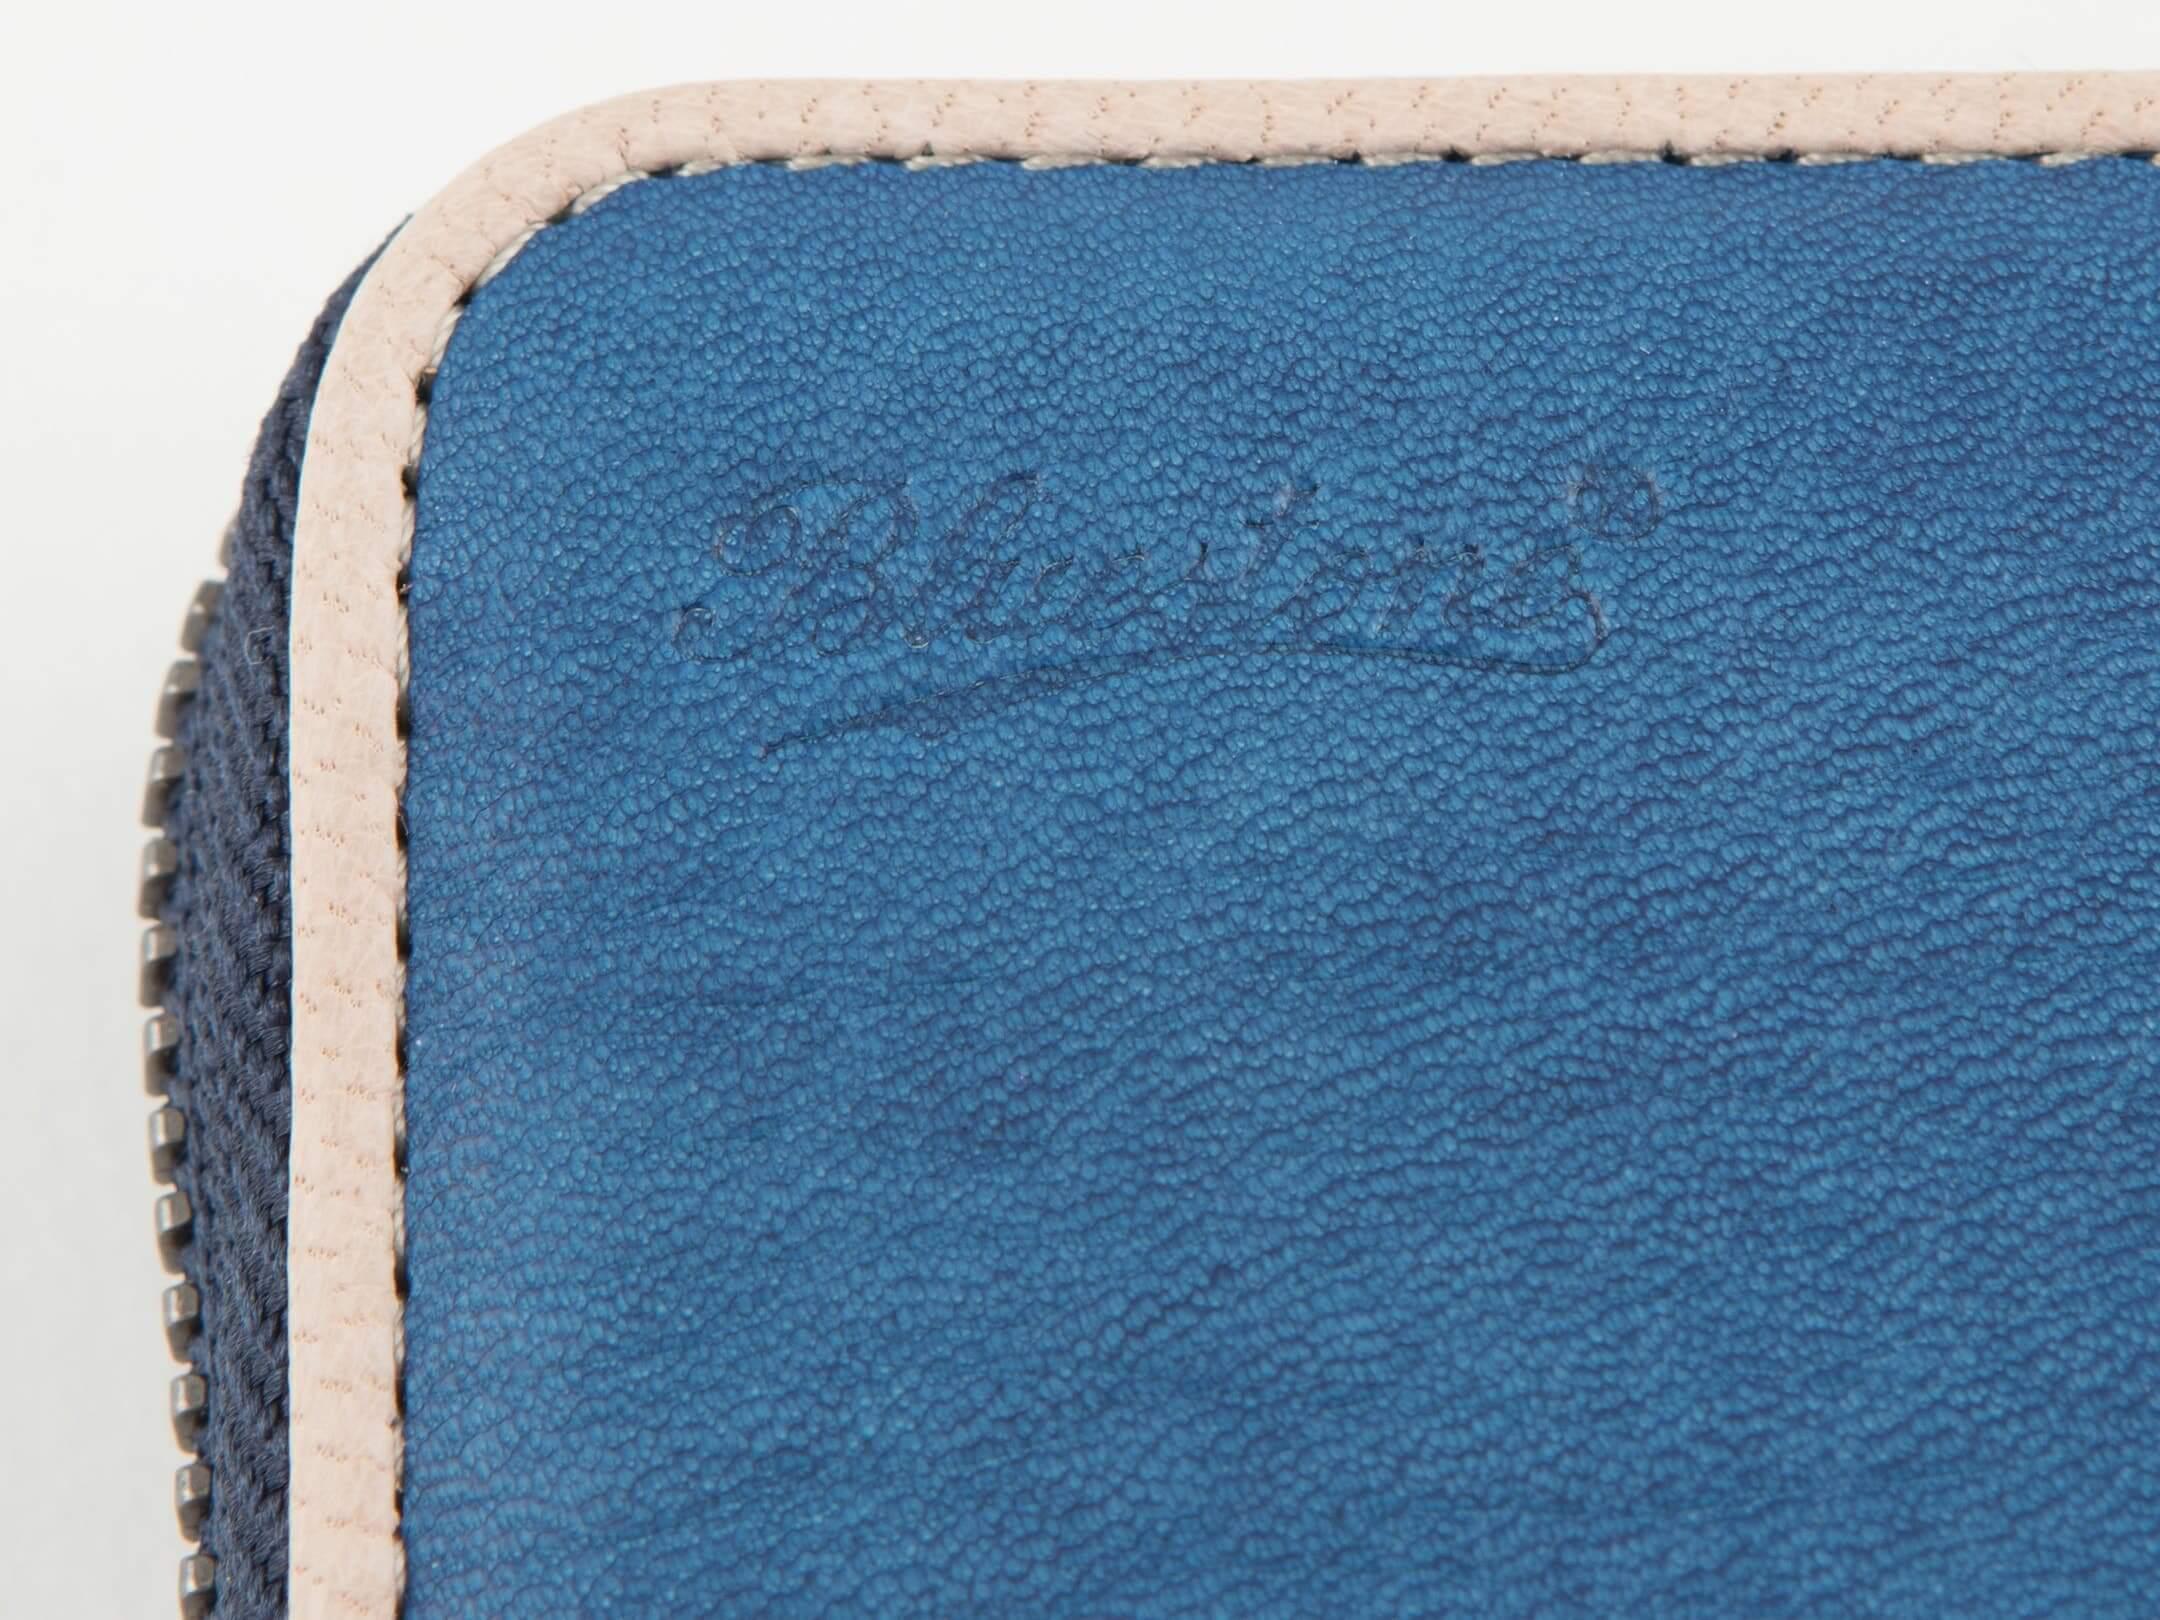 【Bluestone】Sデニム x スクモレザー ラウンドジップ長財布